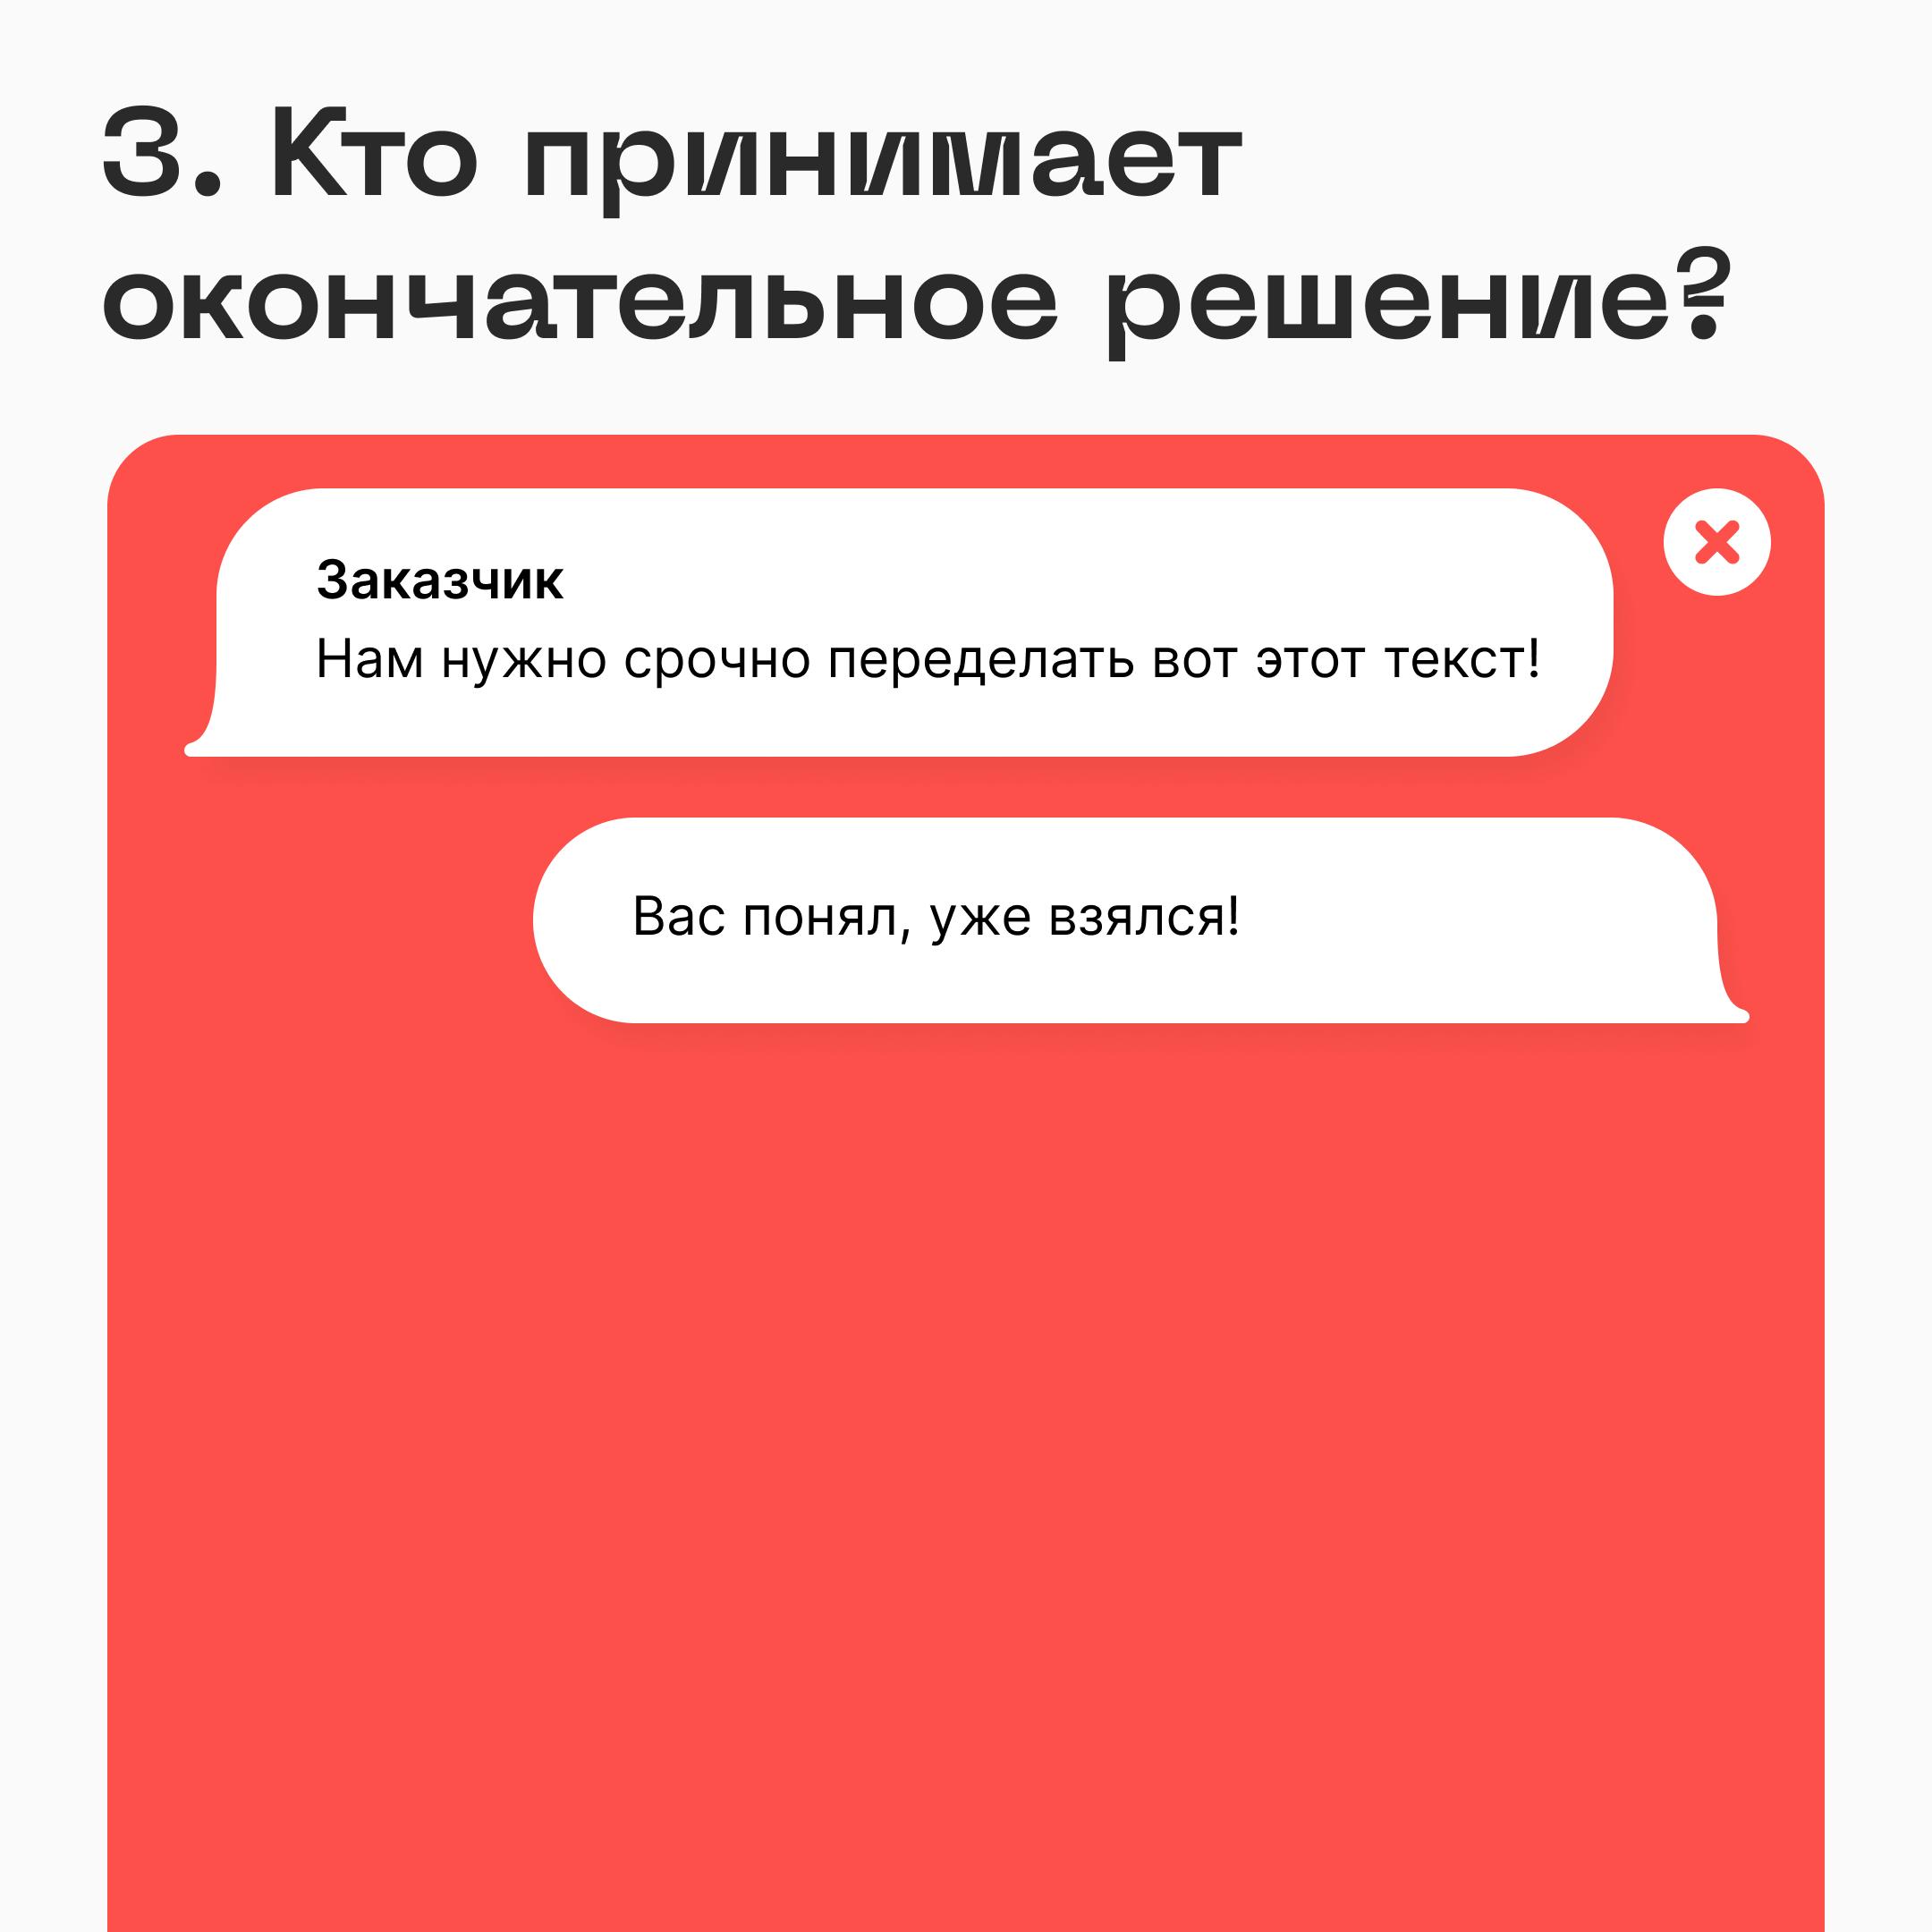 Третий вопрос: кто принимает окончательное решение?